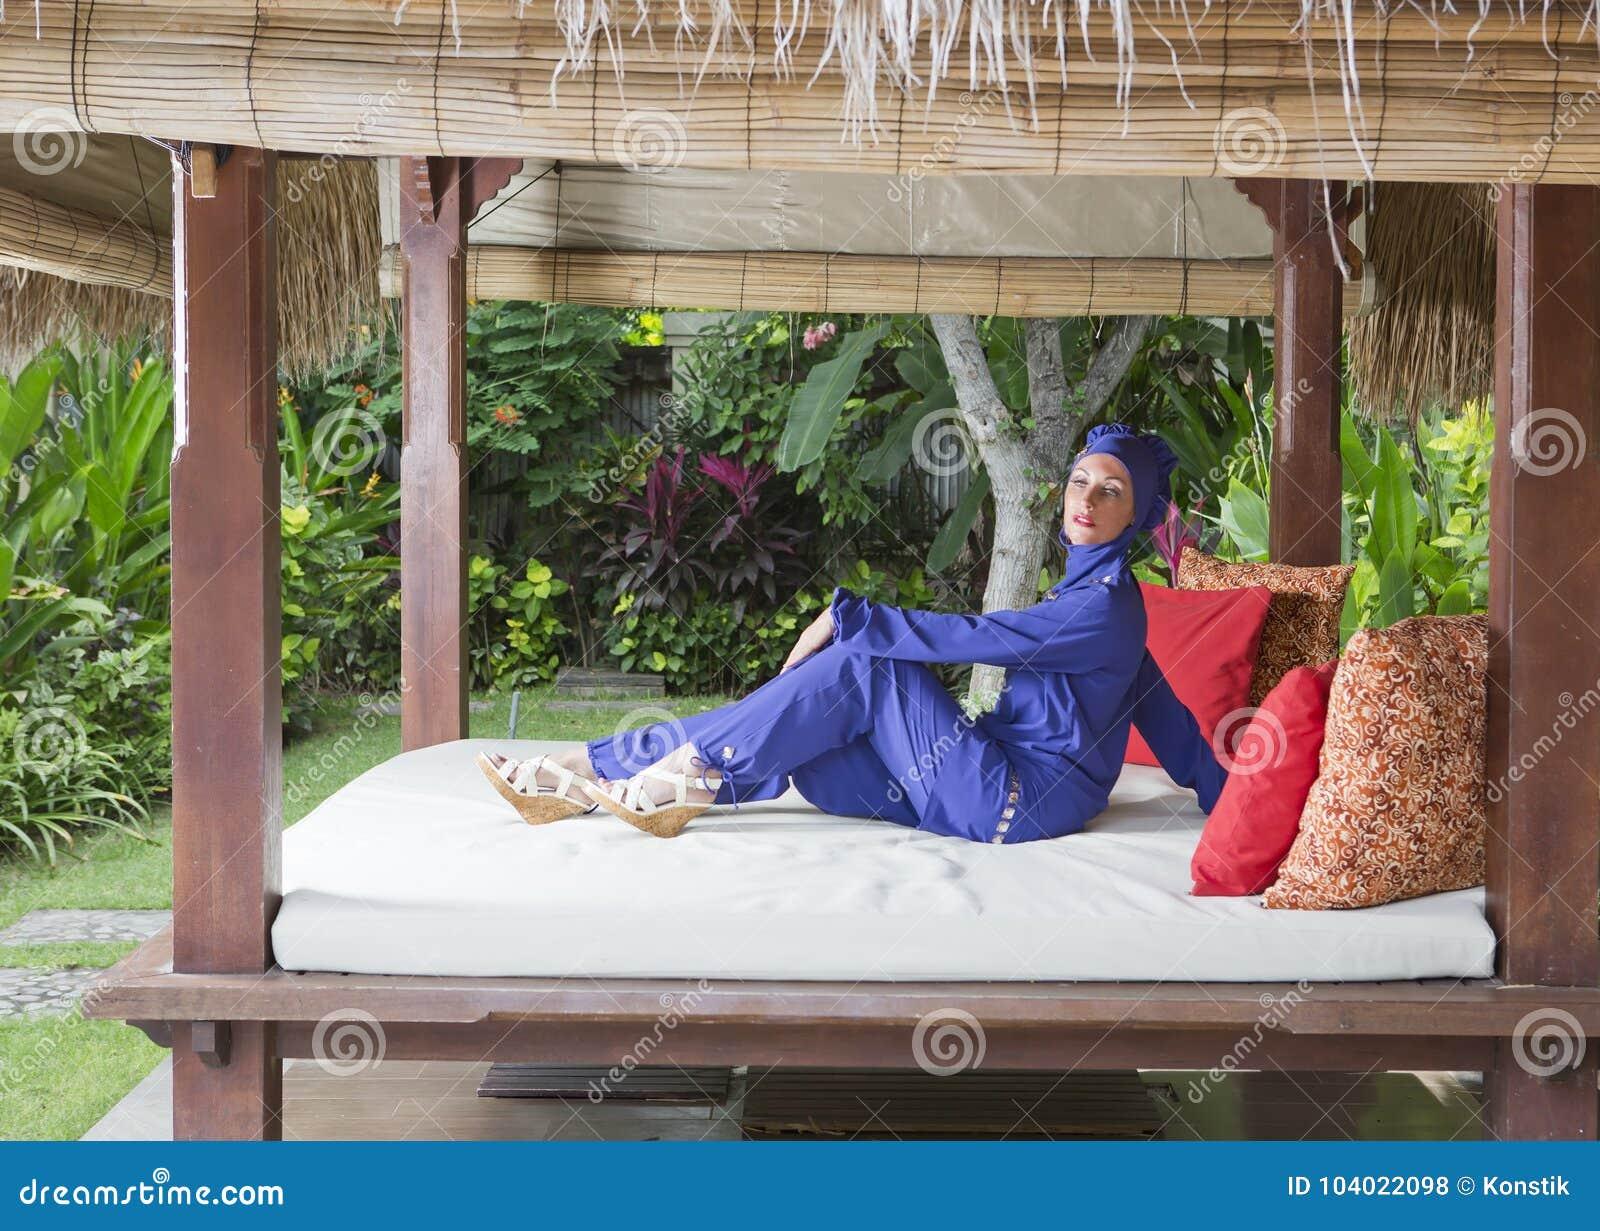 Привлекательная женщина в мусульманском burkini swimwear в газебо для остатков в саде